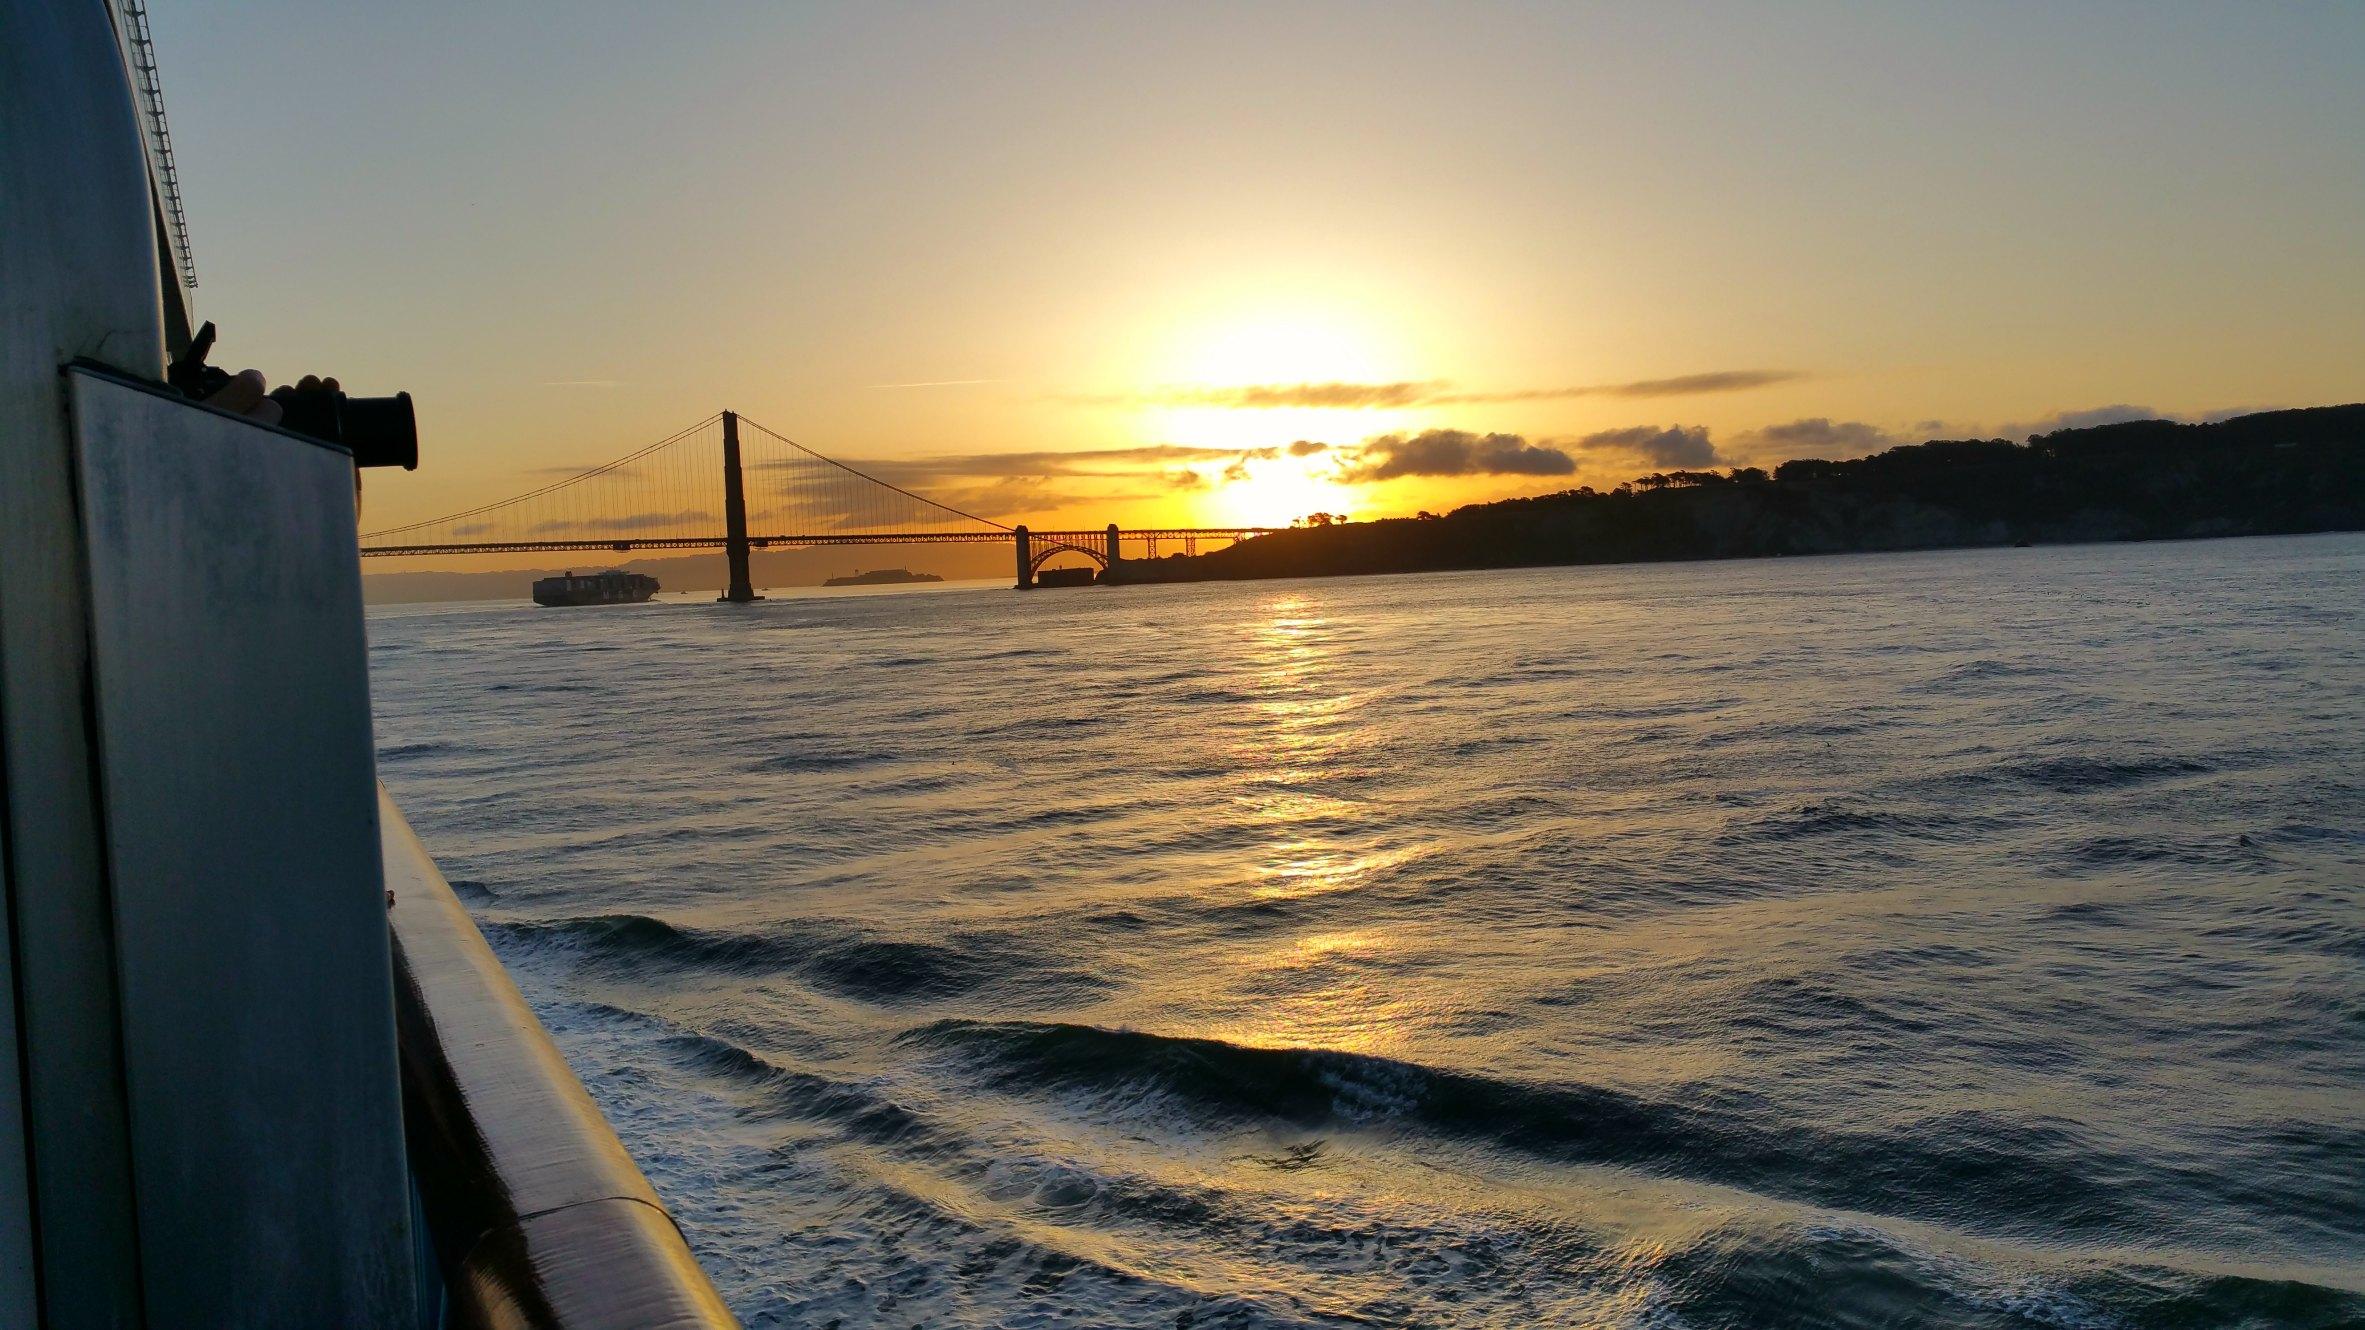 san francisco bay cruise ship